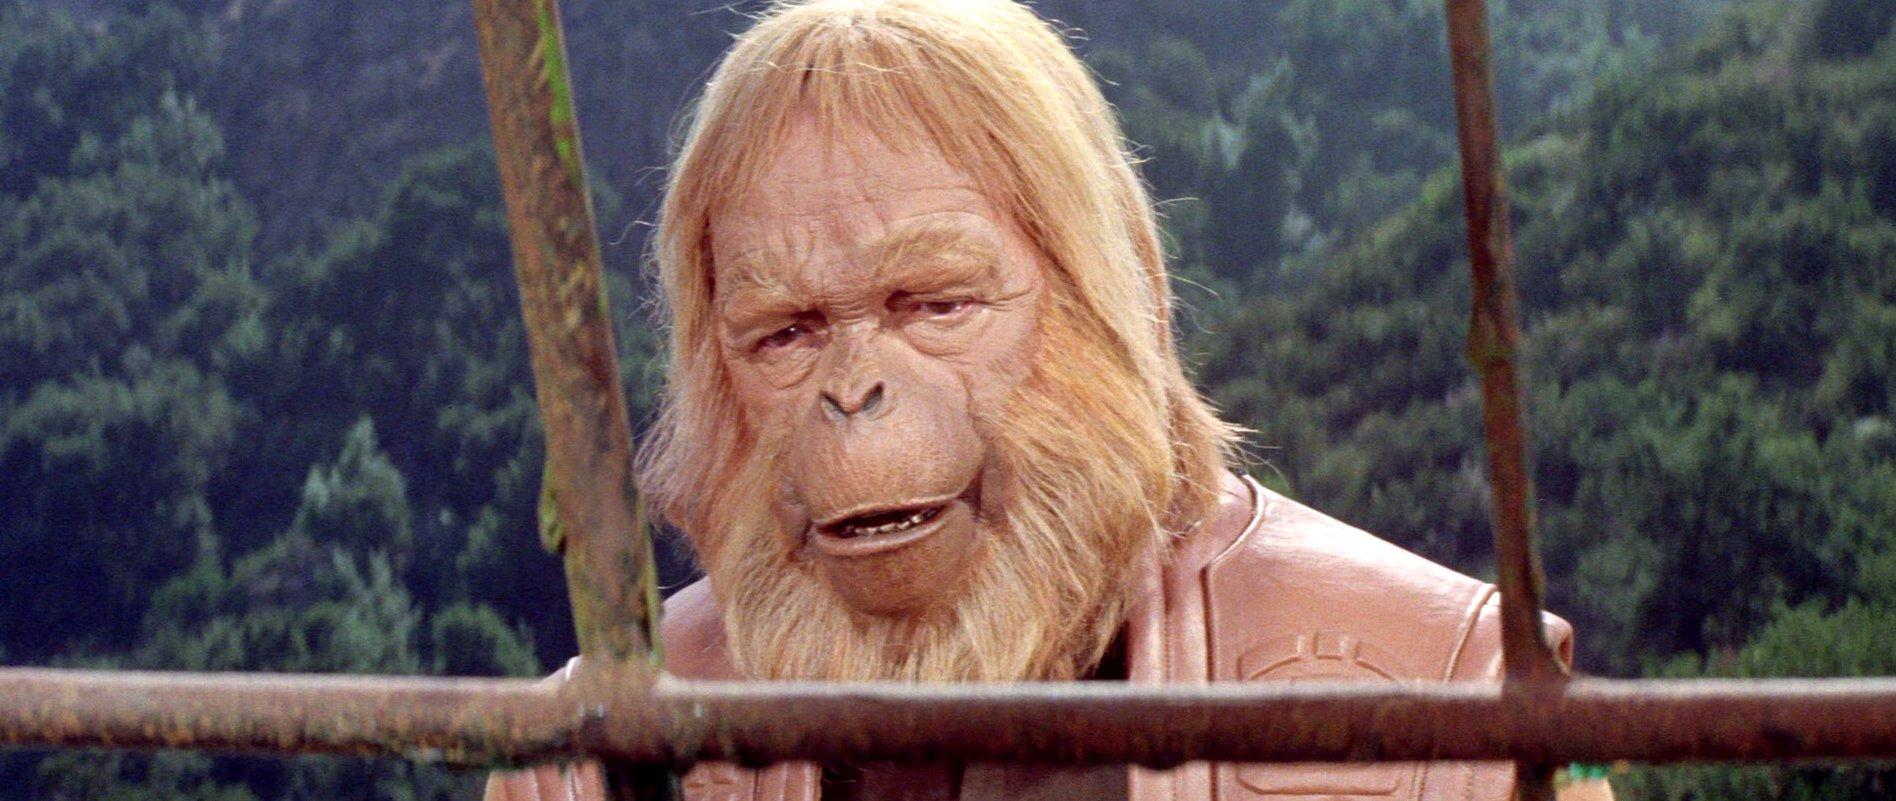 disgusting men планета обезьян гид по планете обезьян виктор зуев петр сальников отвратительные мужики подкаст про игры побег с планеты обезьян завоевание планеты обезьян битва за планету обезьян доктор зайус